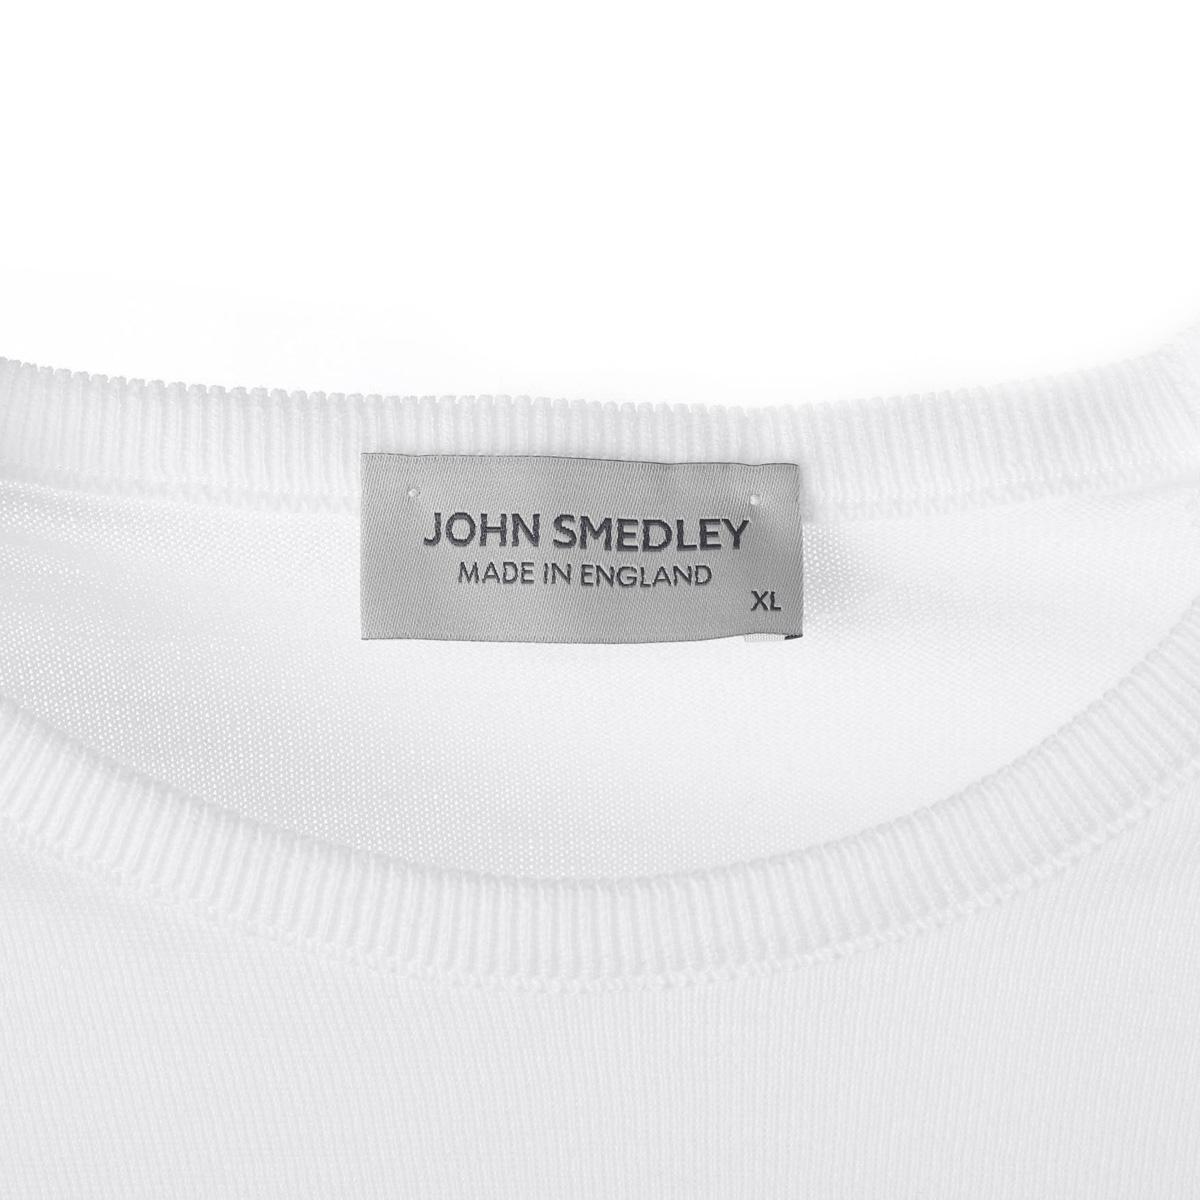 JOHN SMEDLEY ジョンスメドレー クルーネック 長袖ニット/HATFIELD ハットフィールド 30ゲージ メンズ